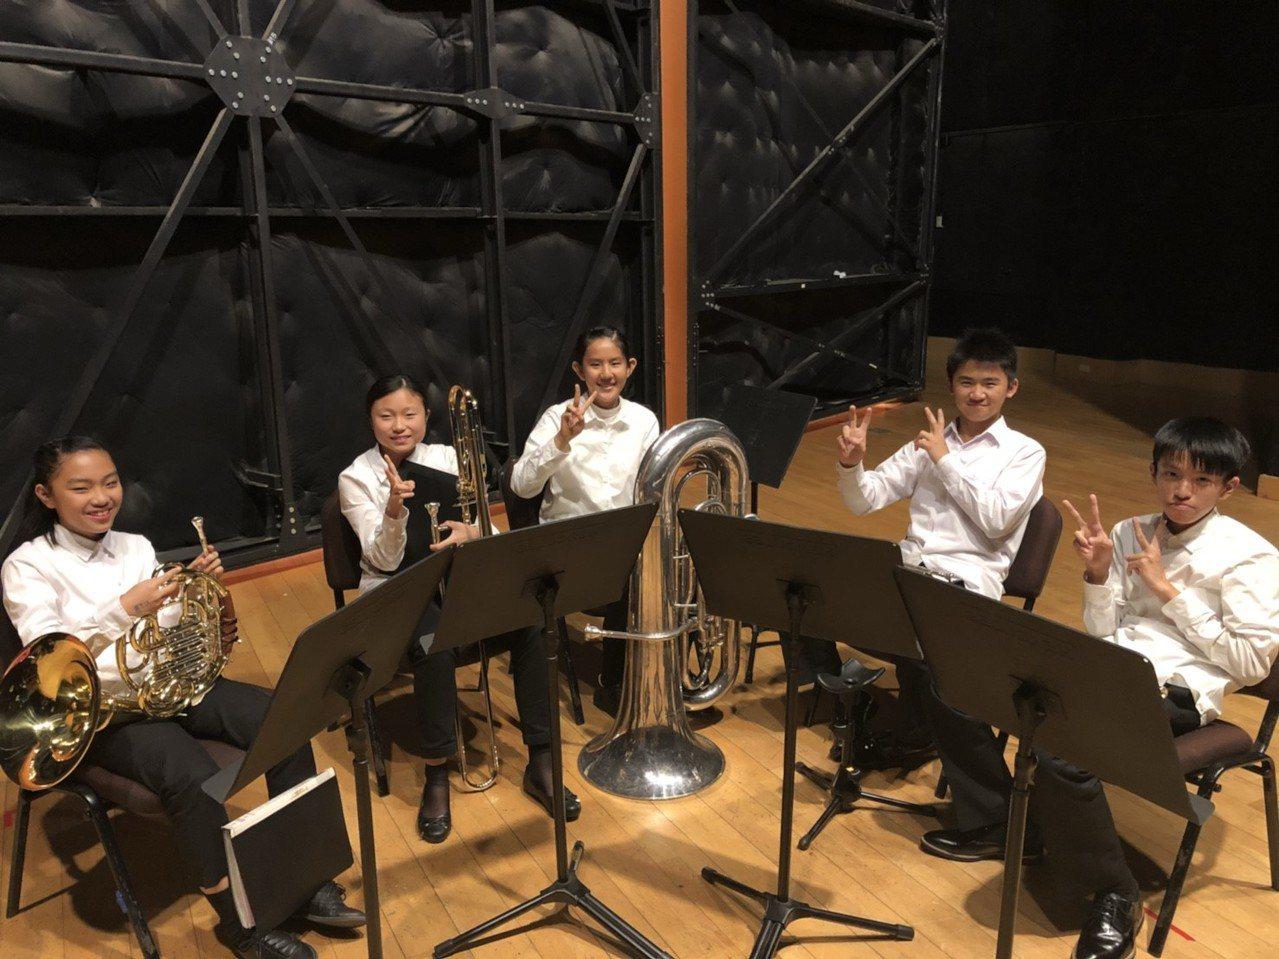 建華國中銅管五重奏優等進入全國賽。圖/新竹市府教育處提供